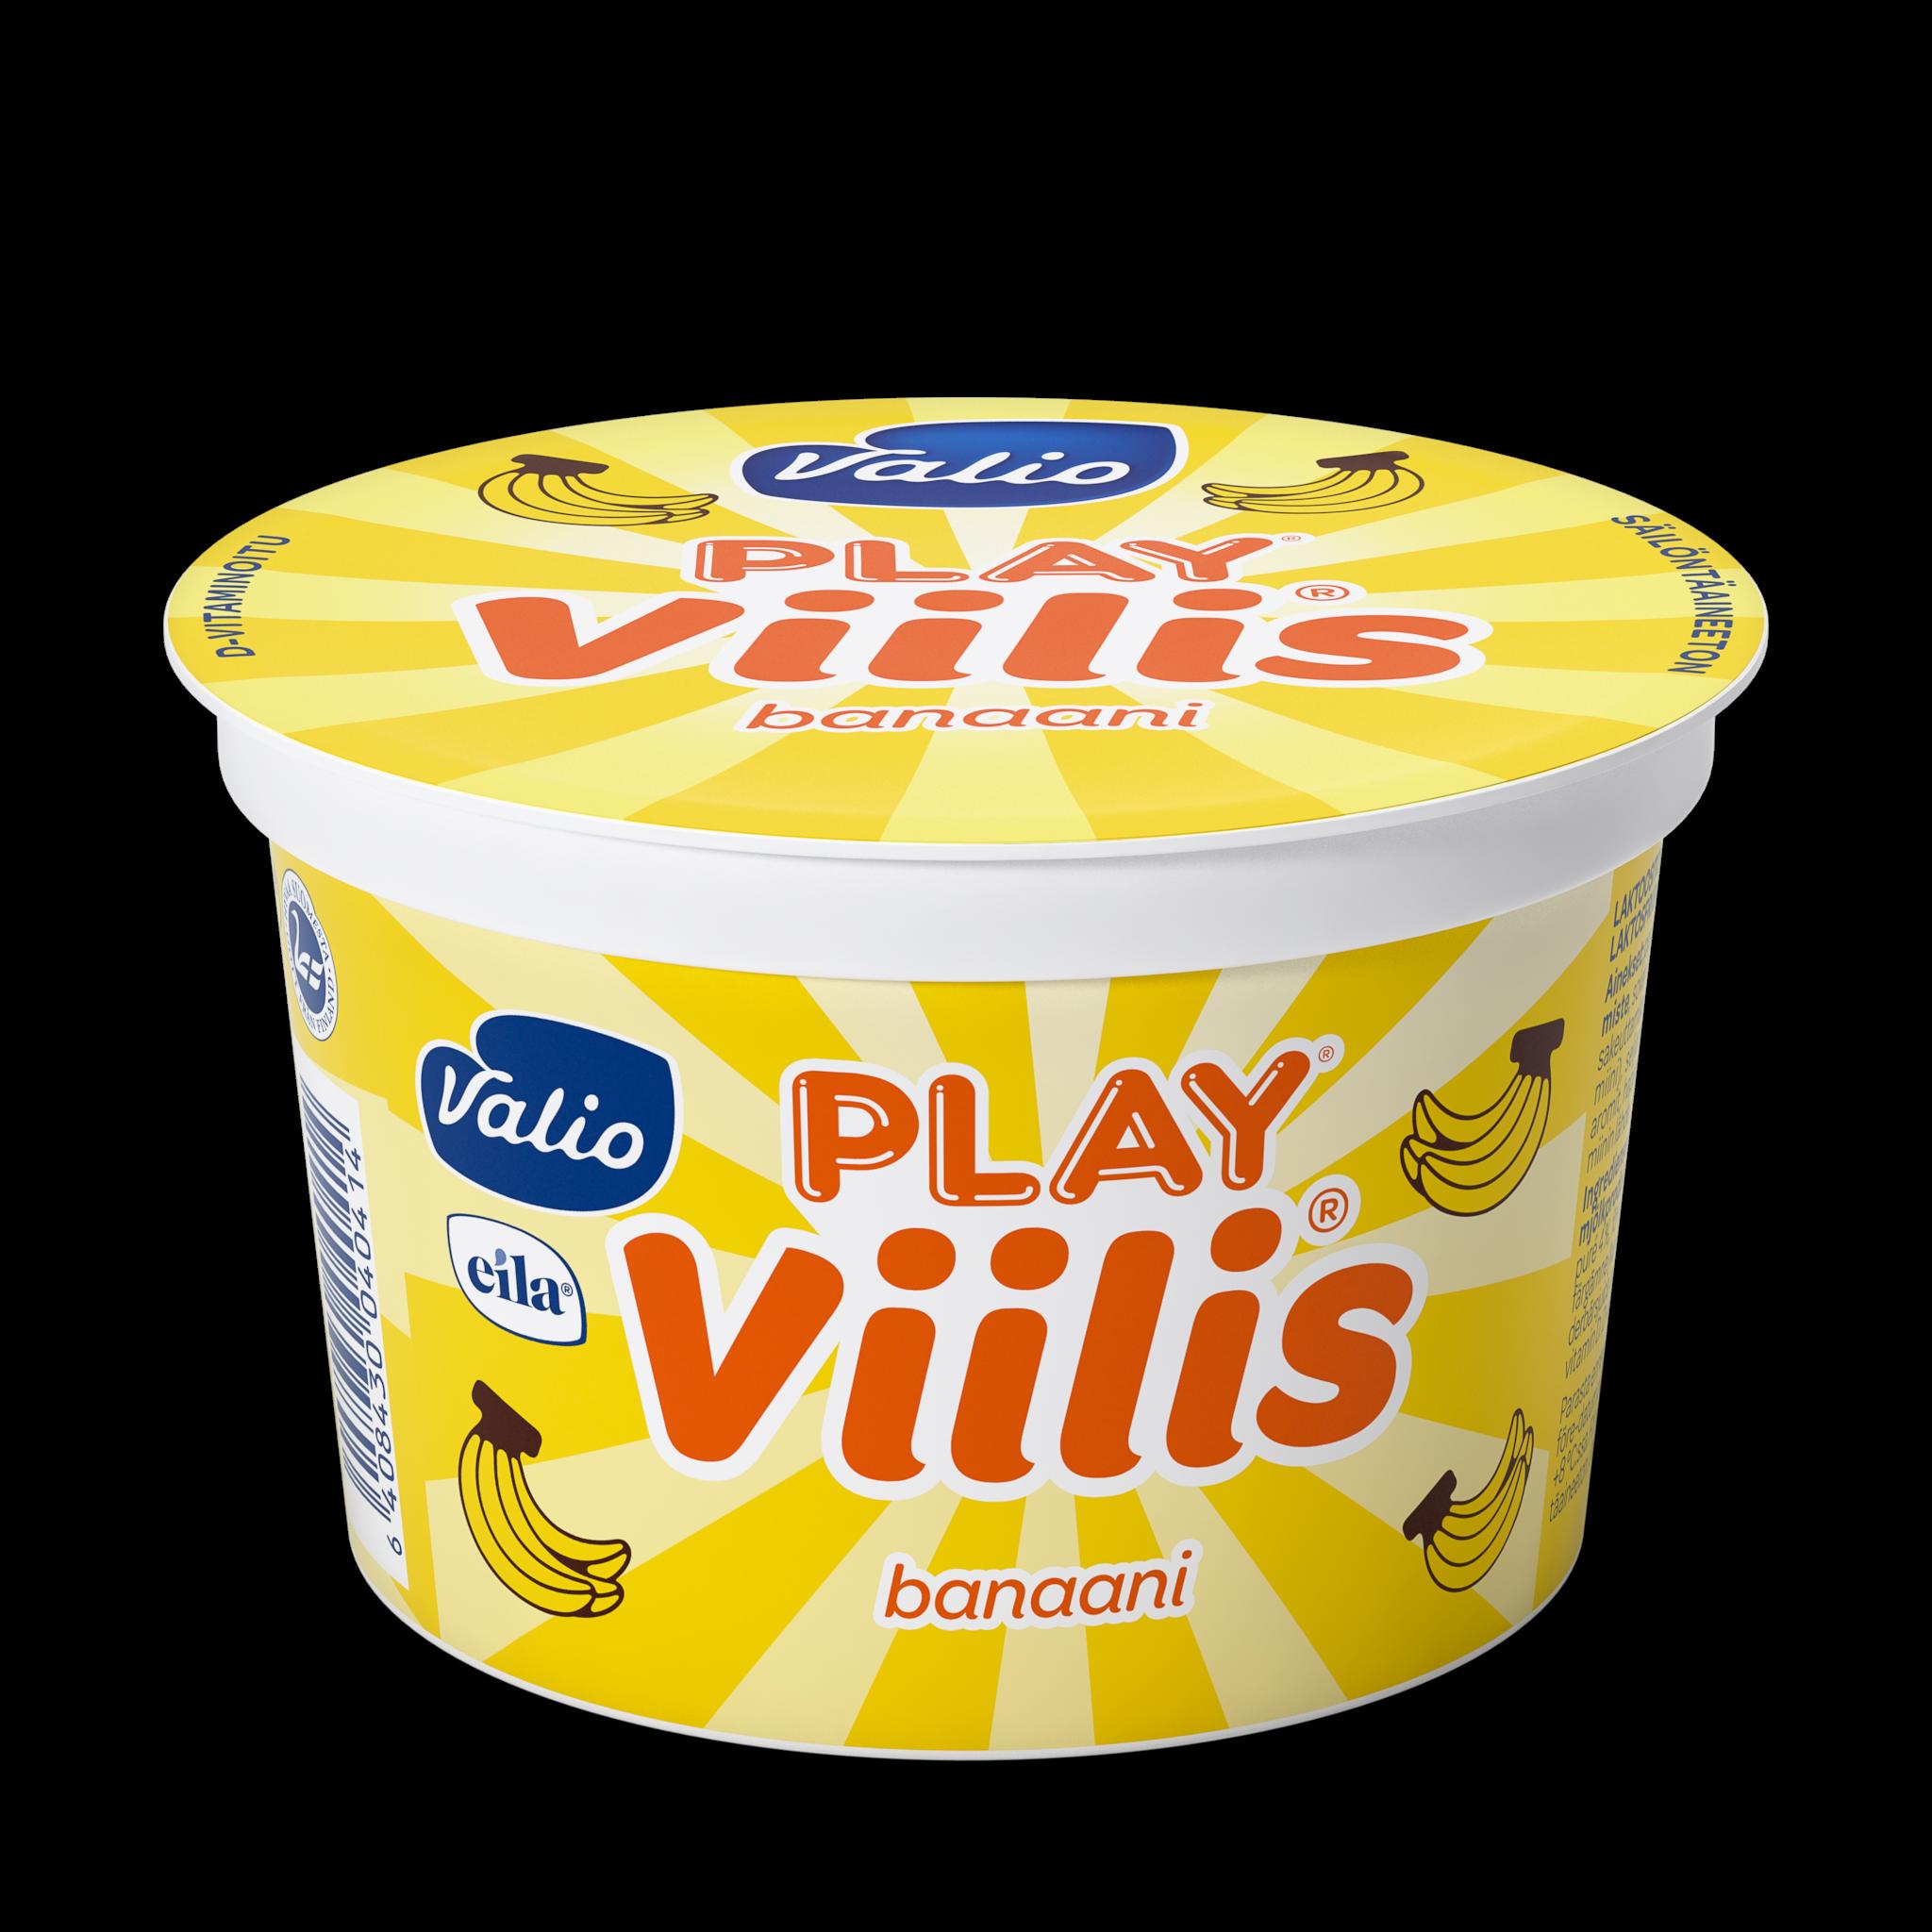 Valio Play viilis® banaani laktoositon